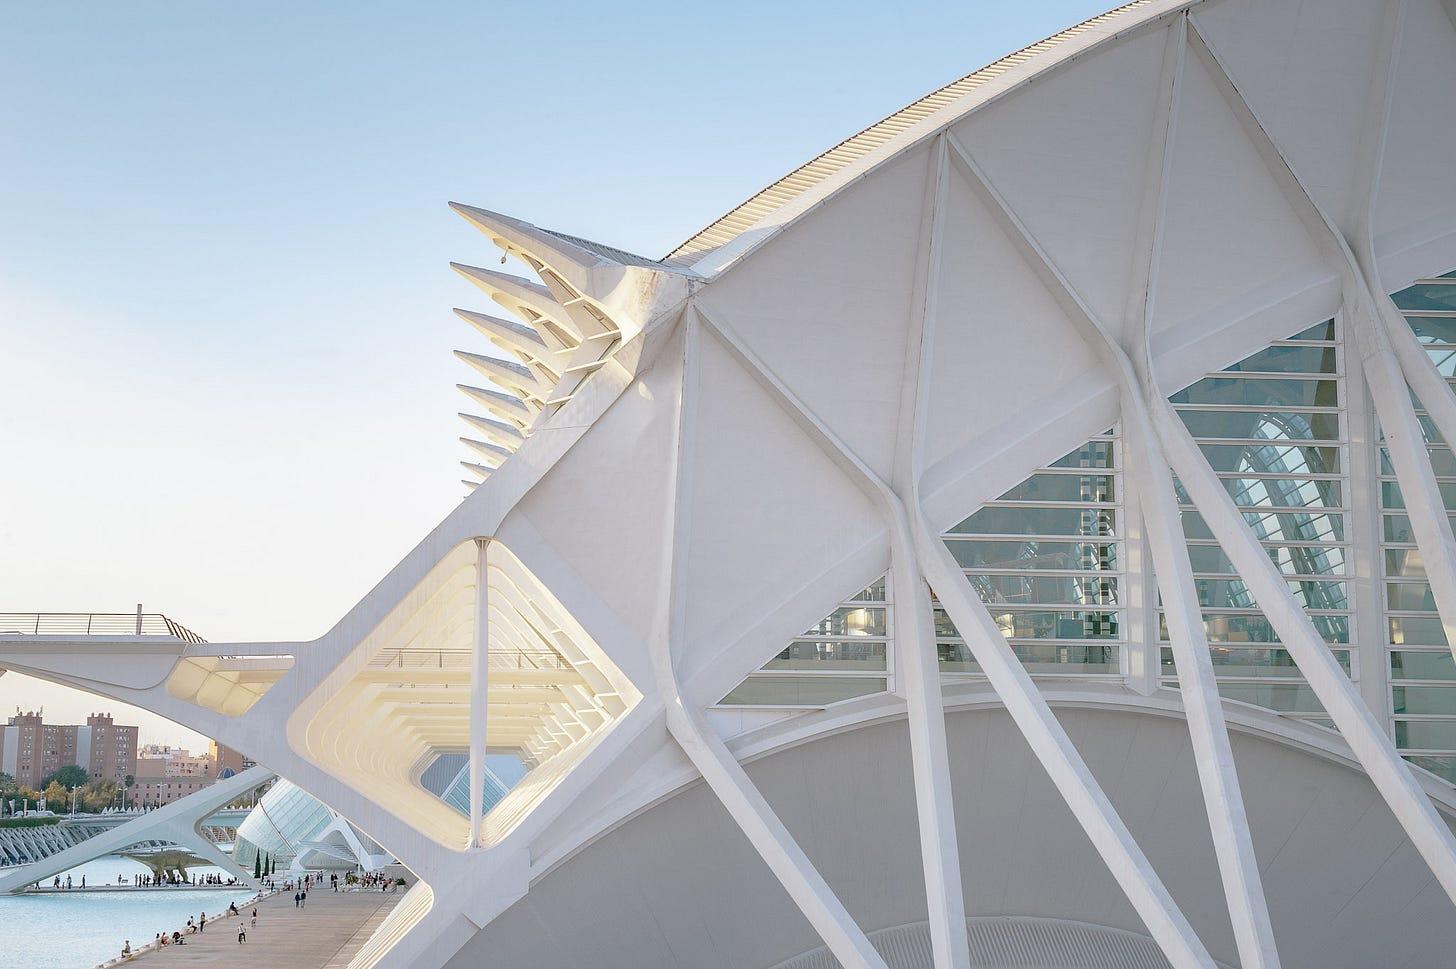 Ciudad de las Artes y las Ciencias - Valencia-DSC_2469-pete-carr-pete-carr.jpg